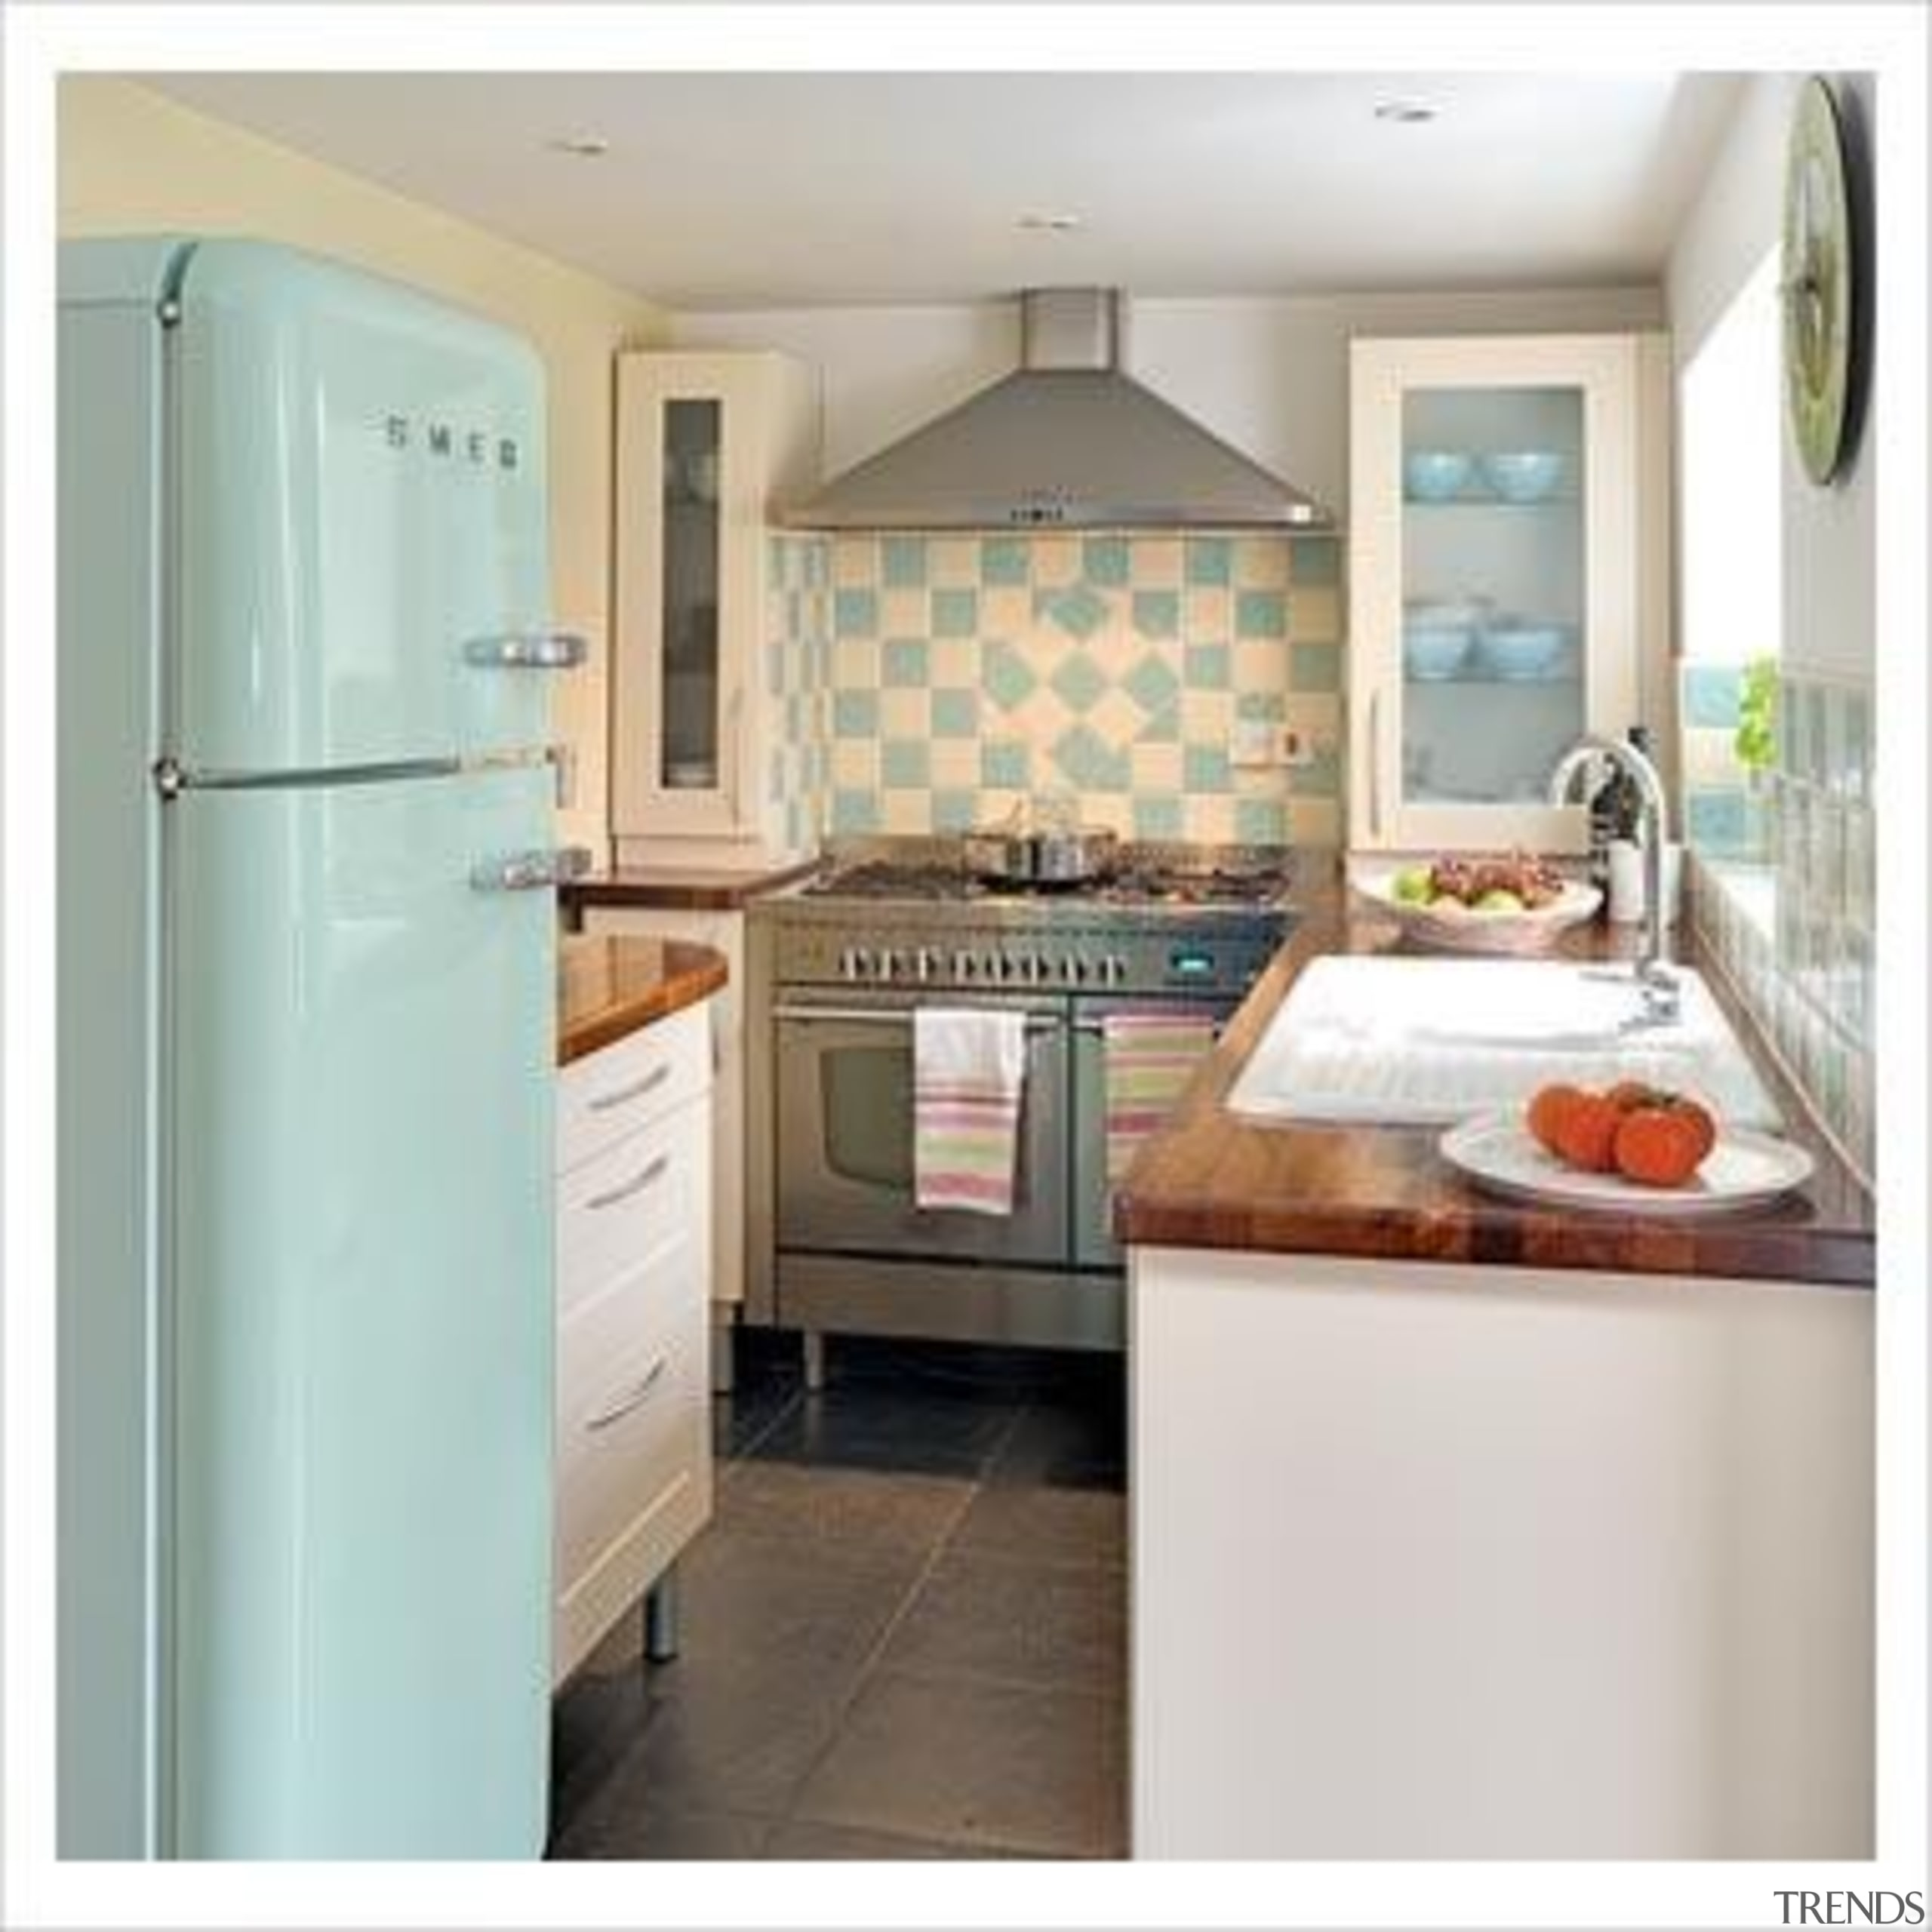 Smeg Kitchen Appliances - Gallery - 4